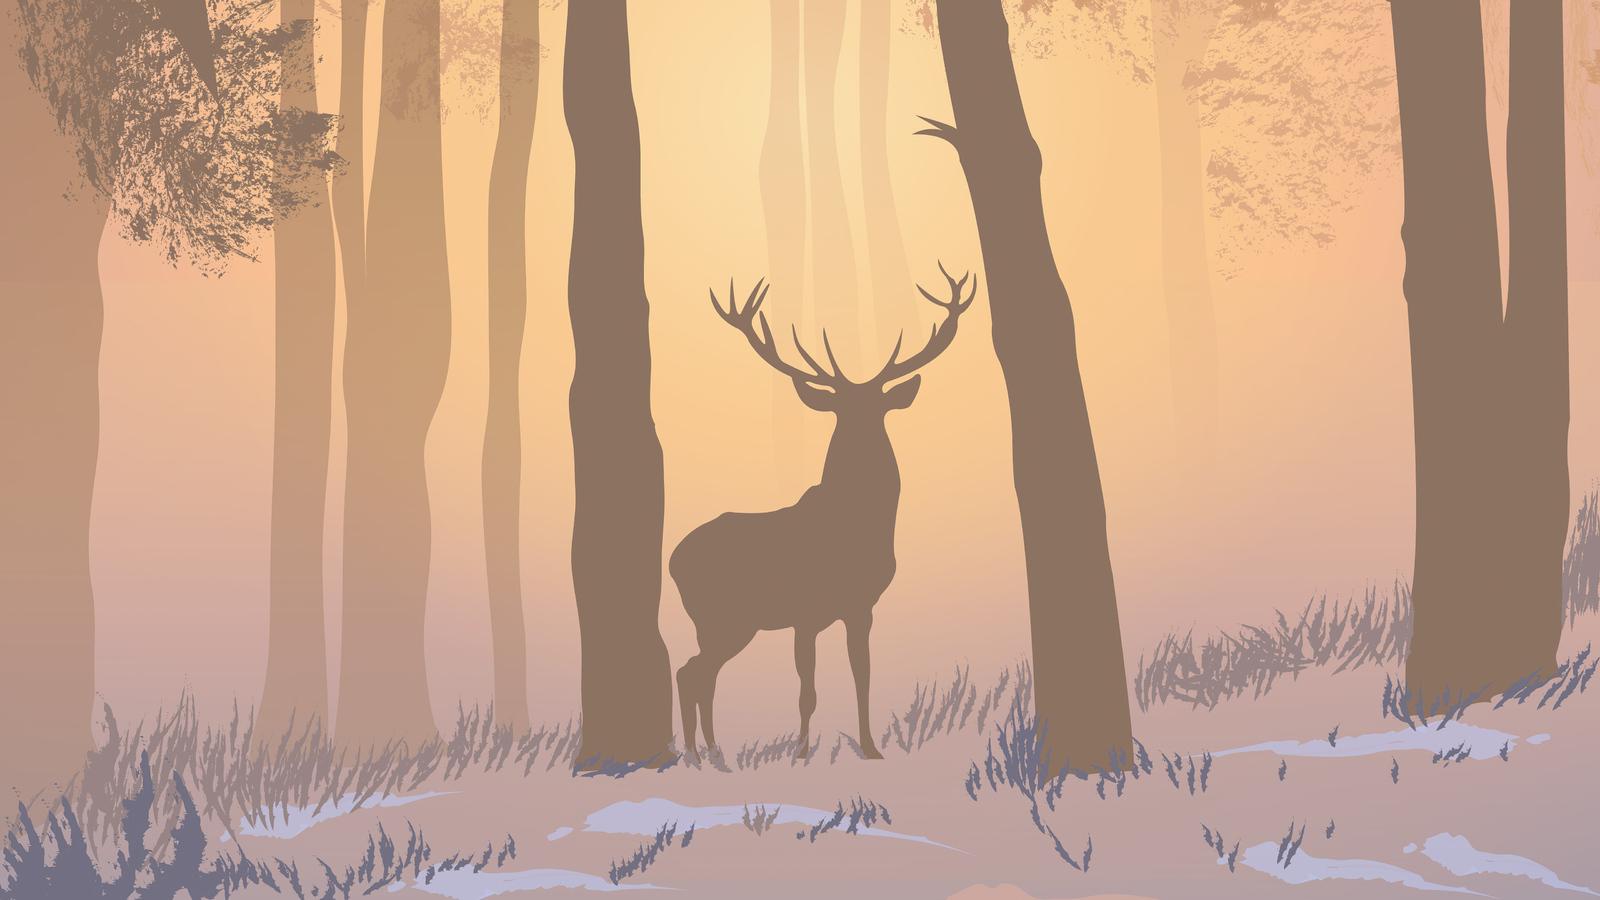 reinnder-forest-foggy-morning-5k-o0.jpg